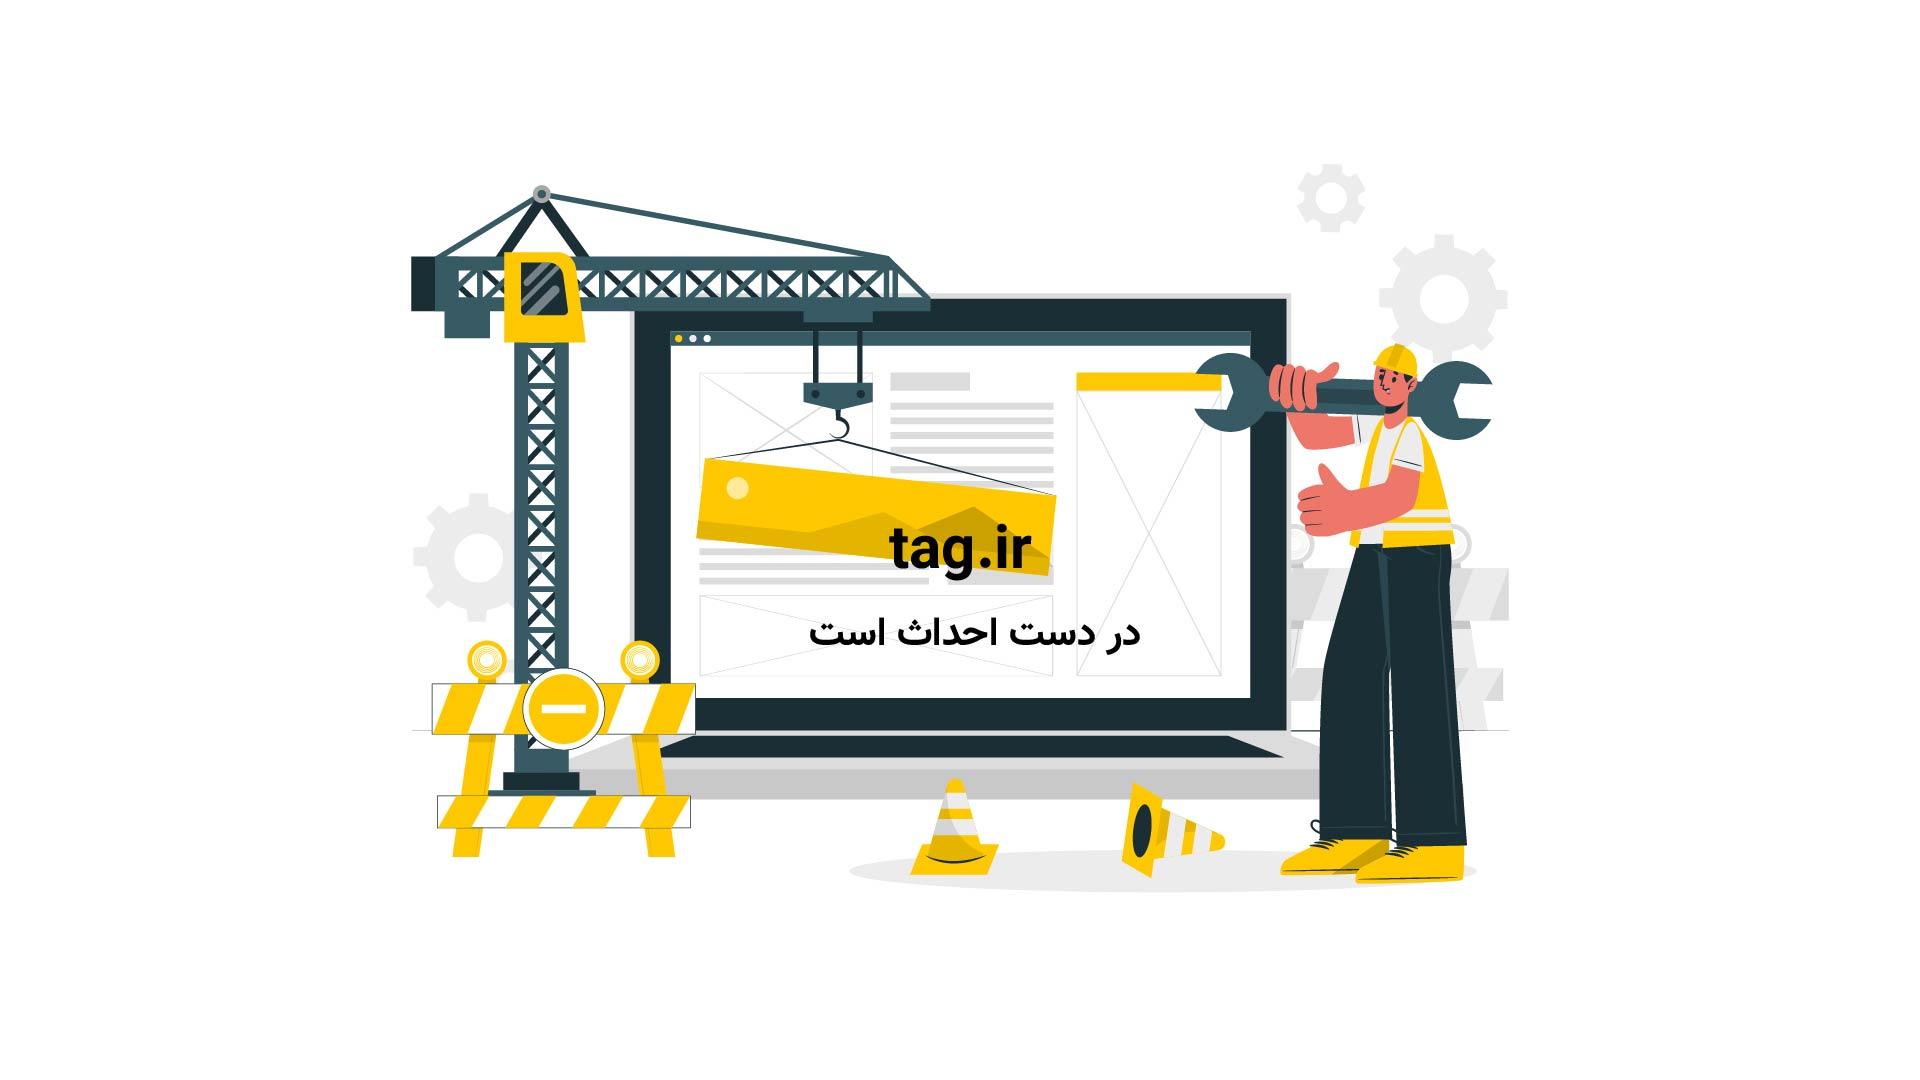 نماز رهبر معظم انقلاب در بین رزمندگان | تگ